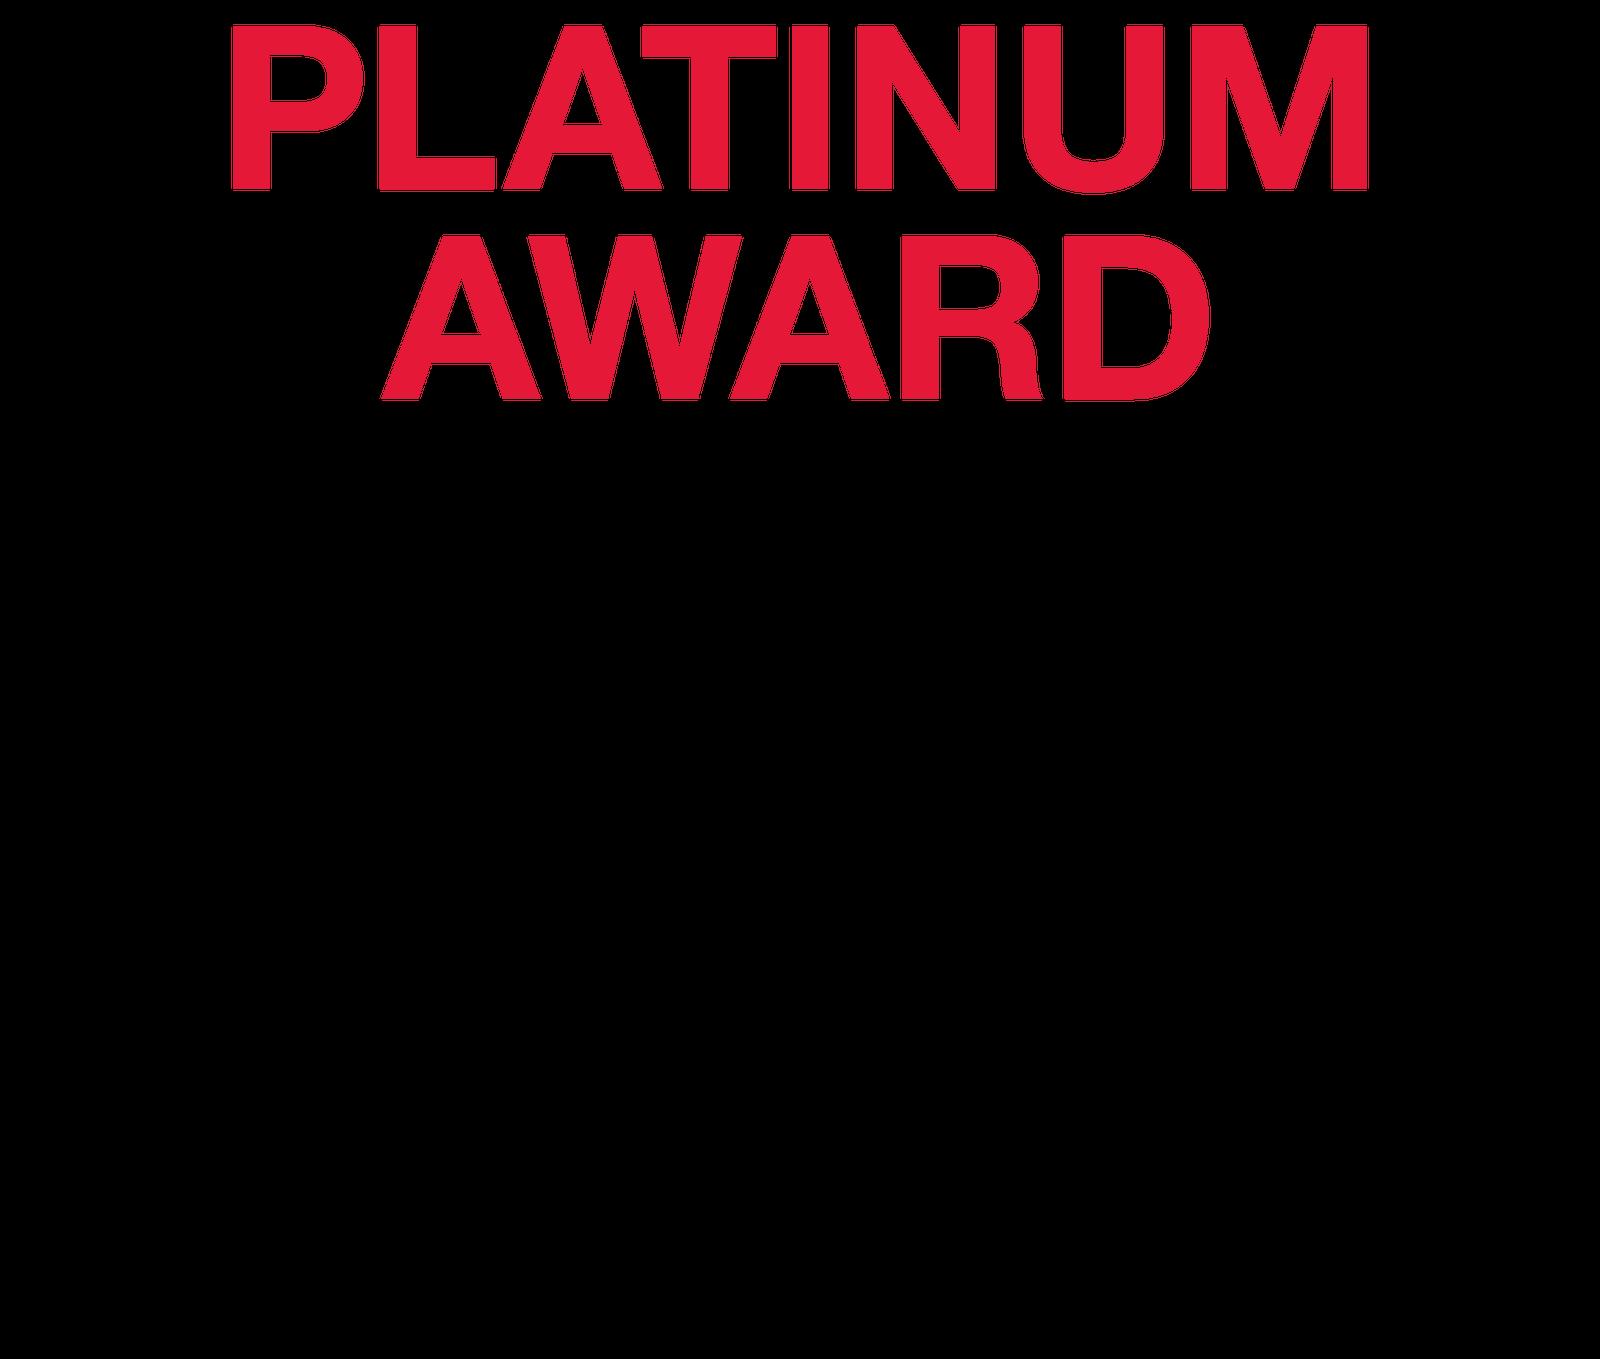 Dean Wegman Award 2019